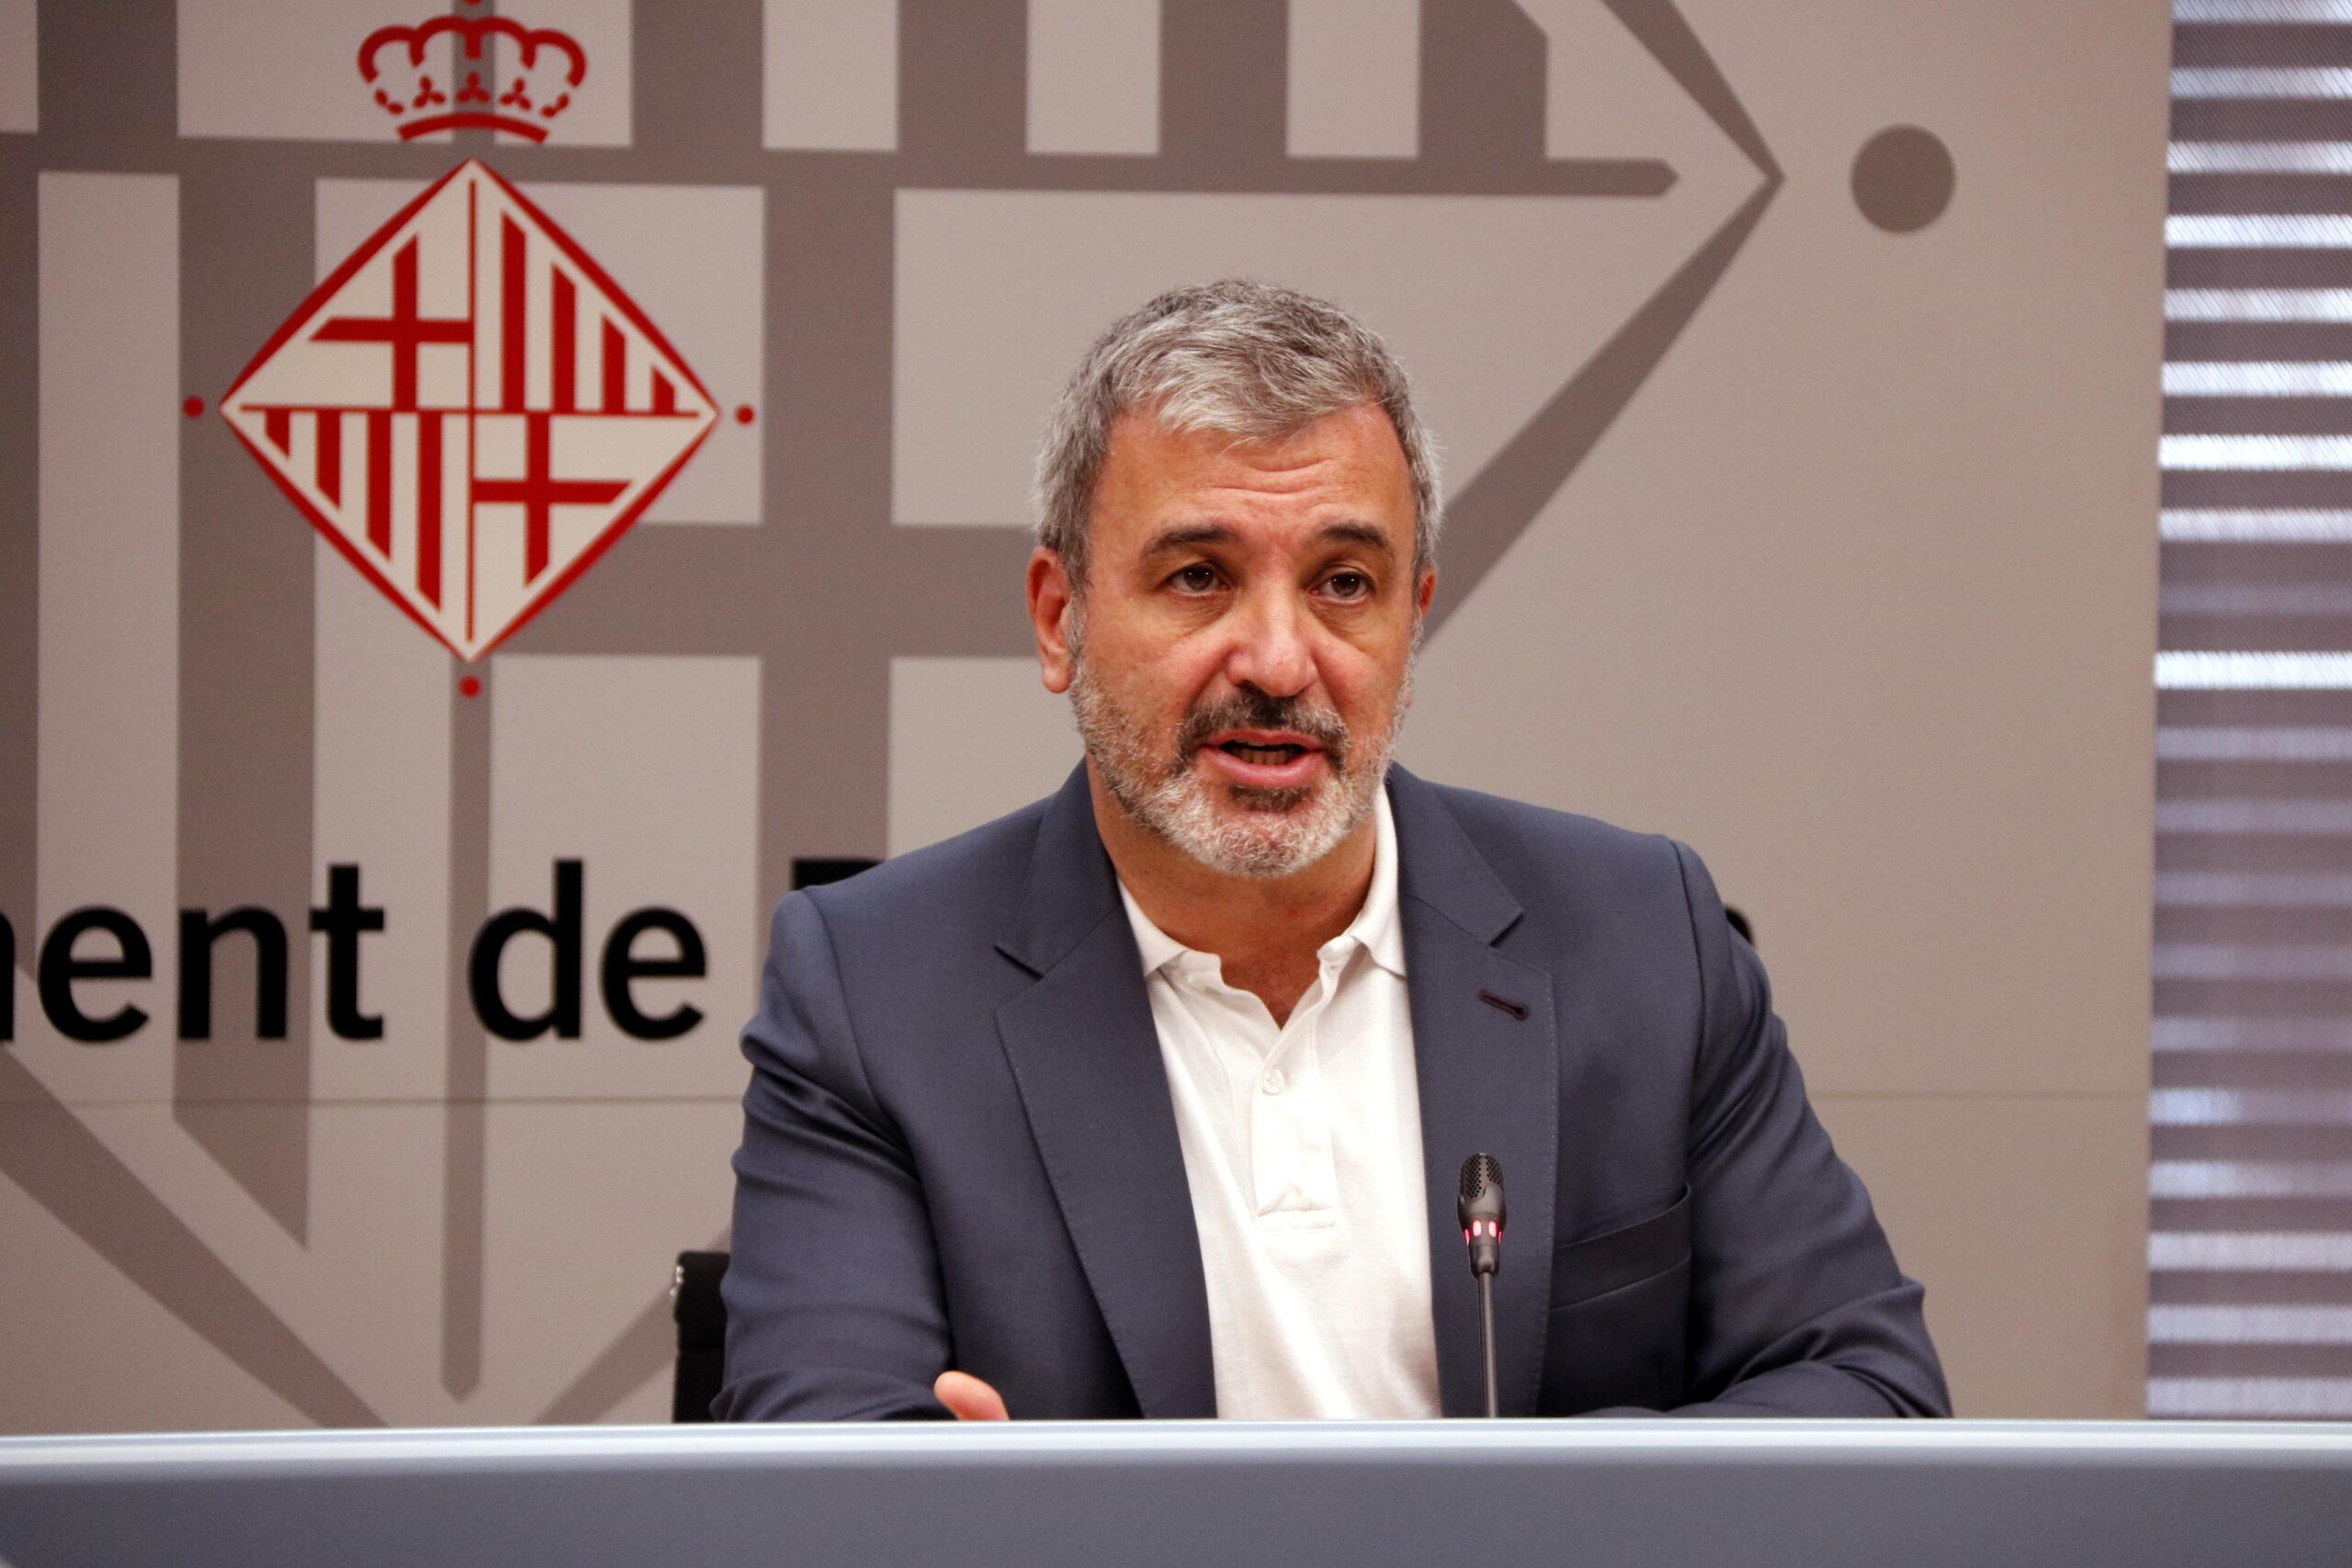 El primer tinent d'alcalde de l'Ajuntament de Barcelona, Jaume Collboni, en imatge d'arxiu / ACN